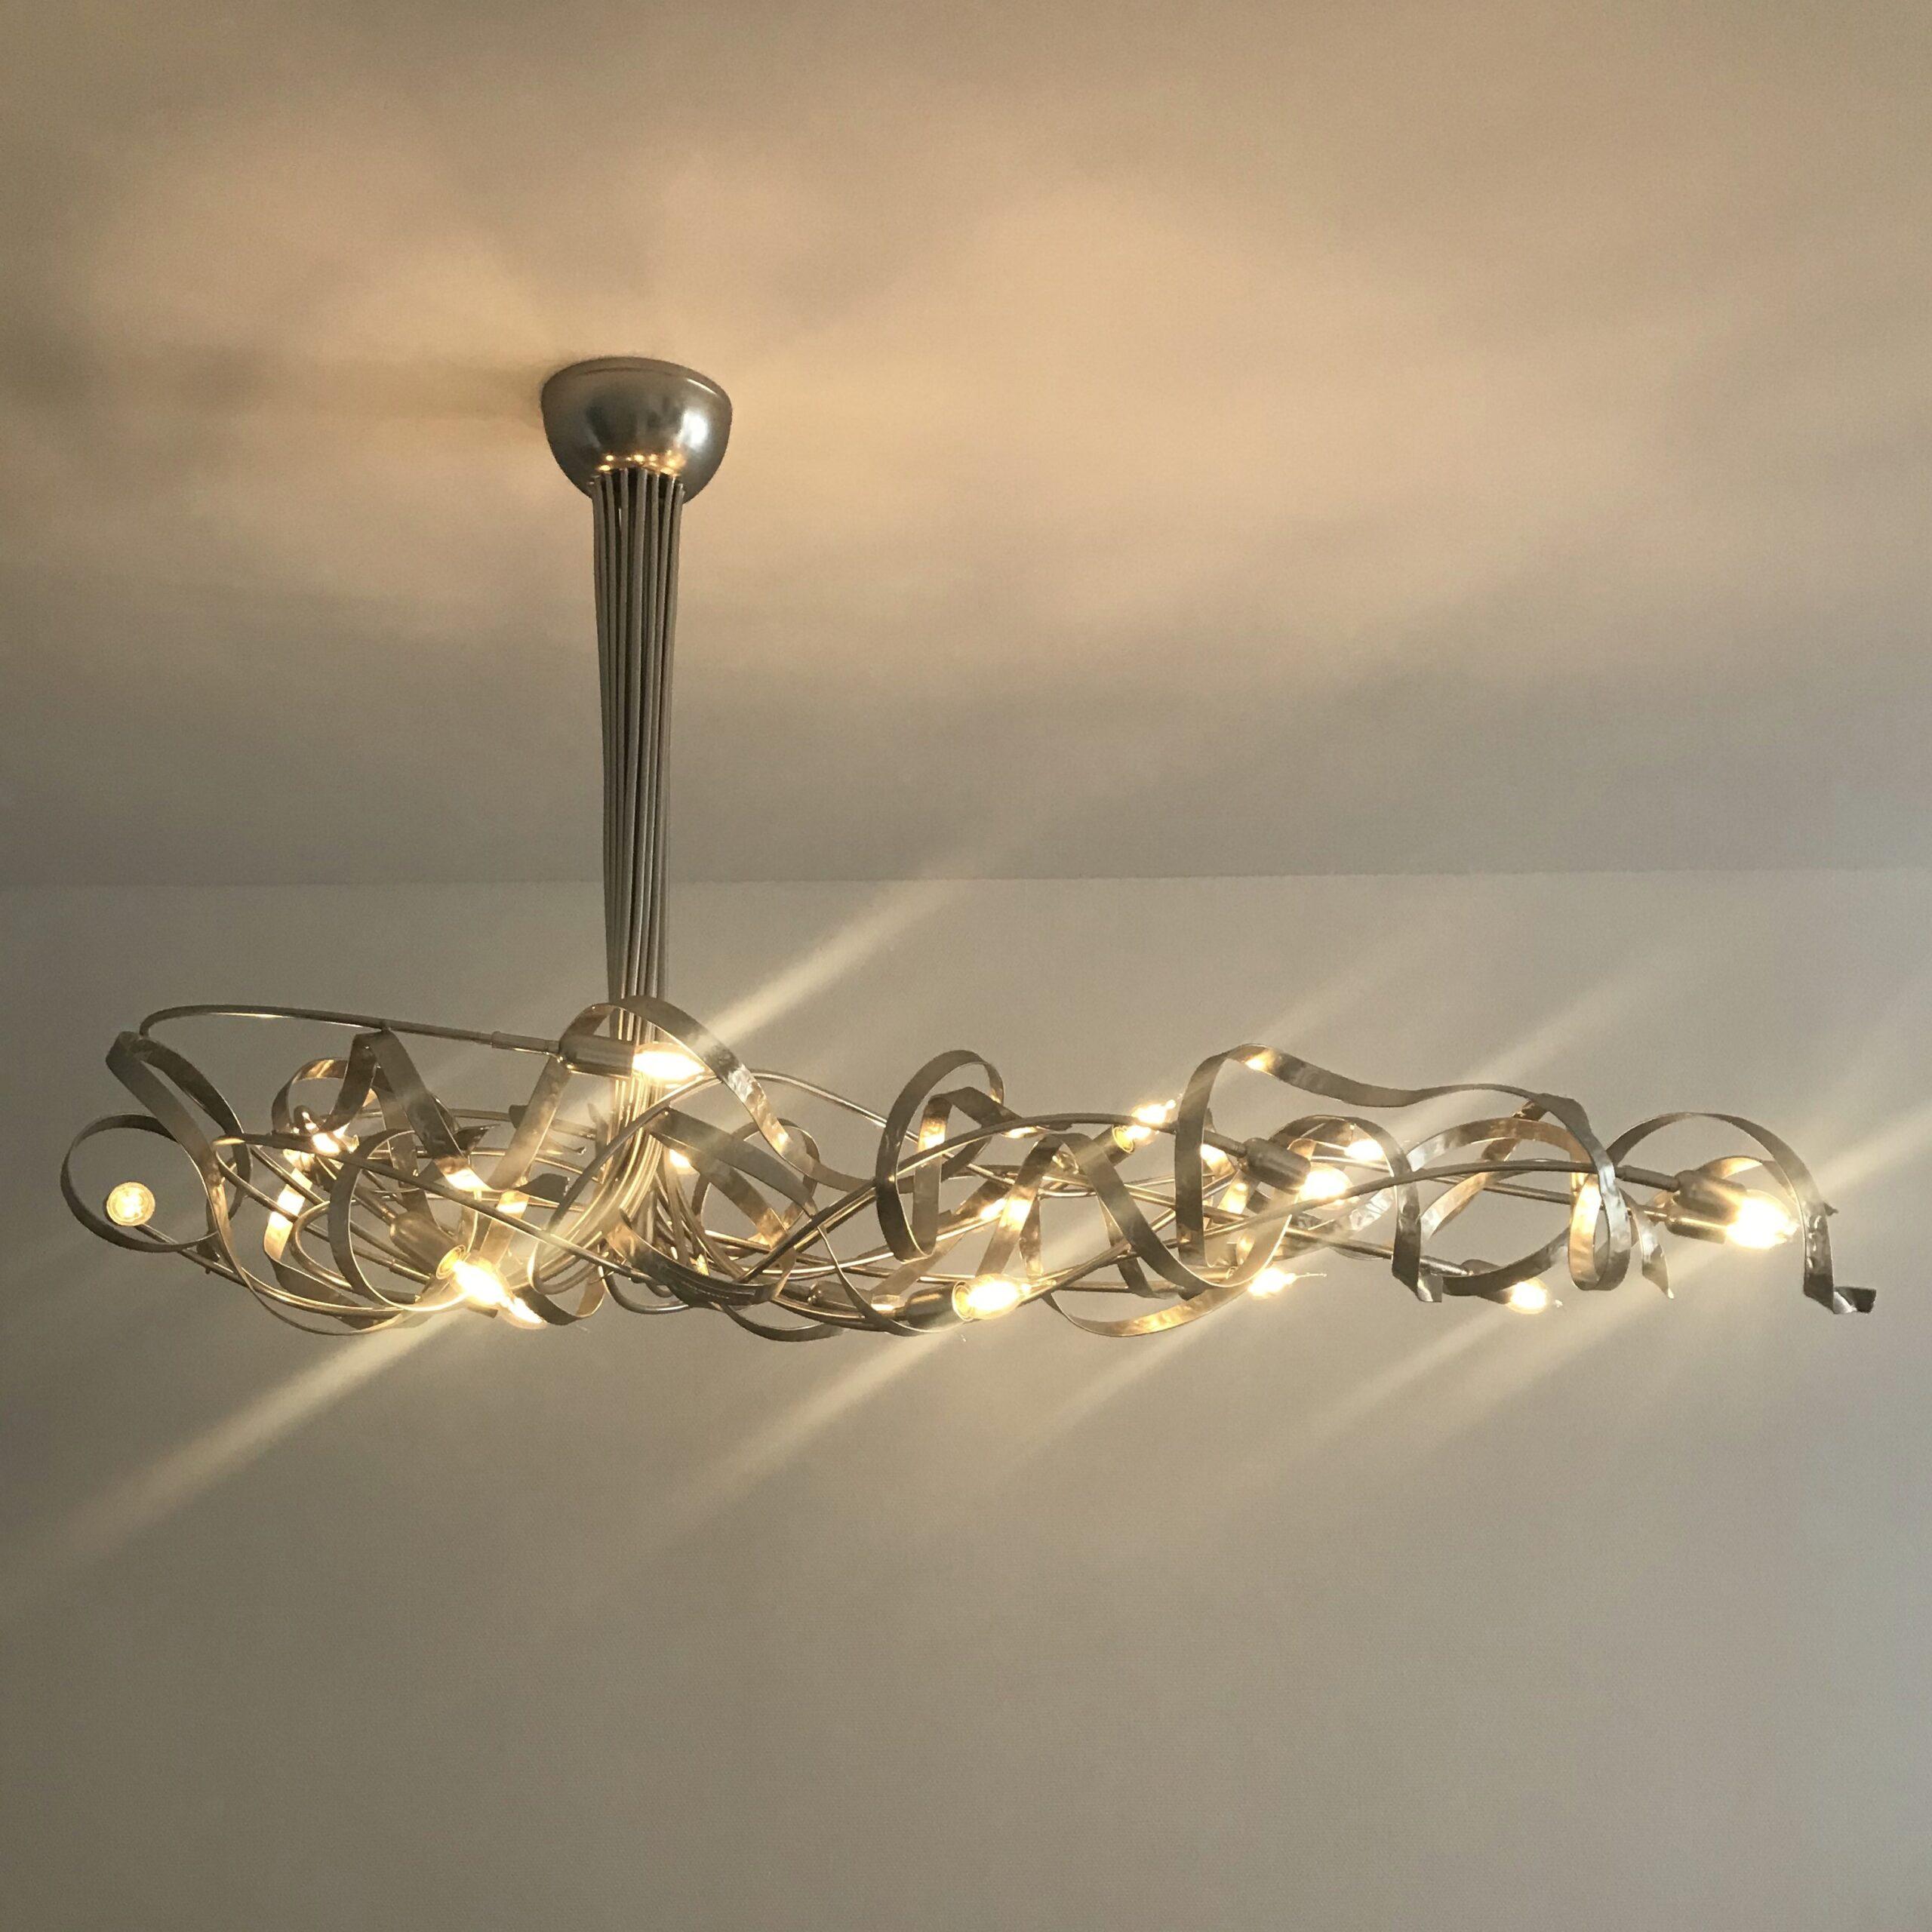 Kroonjuweel-Asymmetrischehanglamp-Qwen-Nikkel